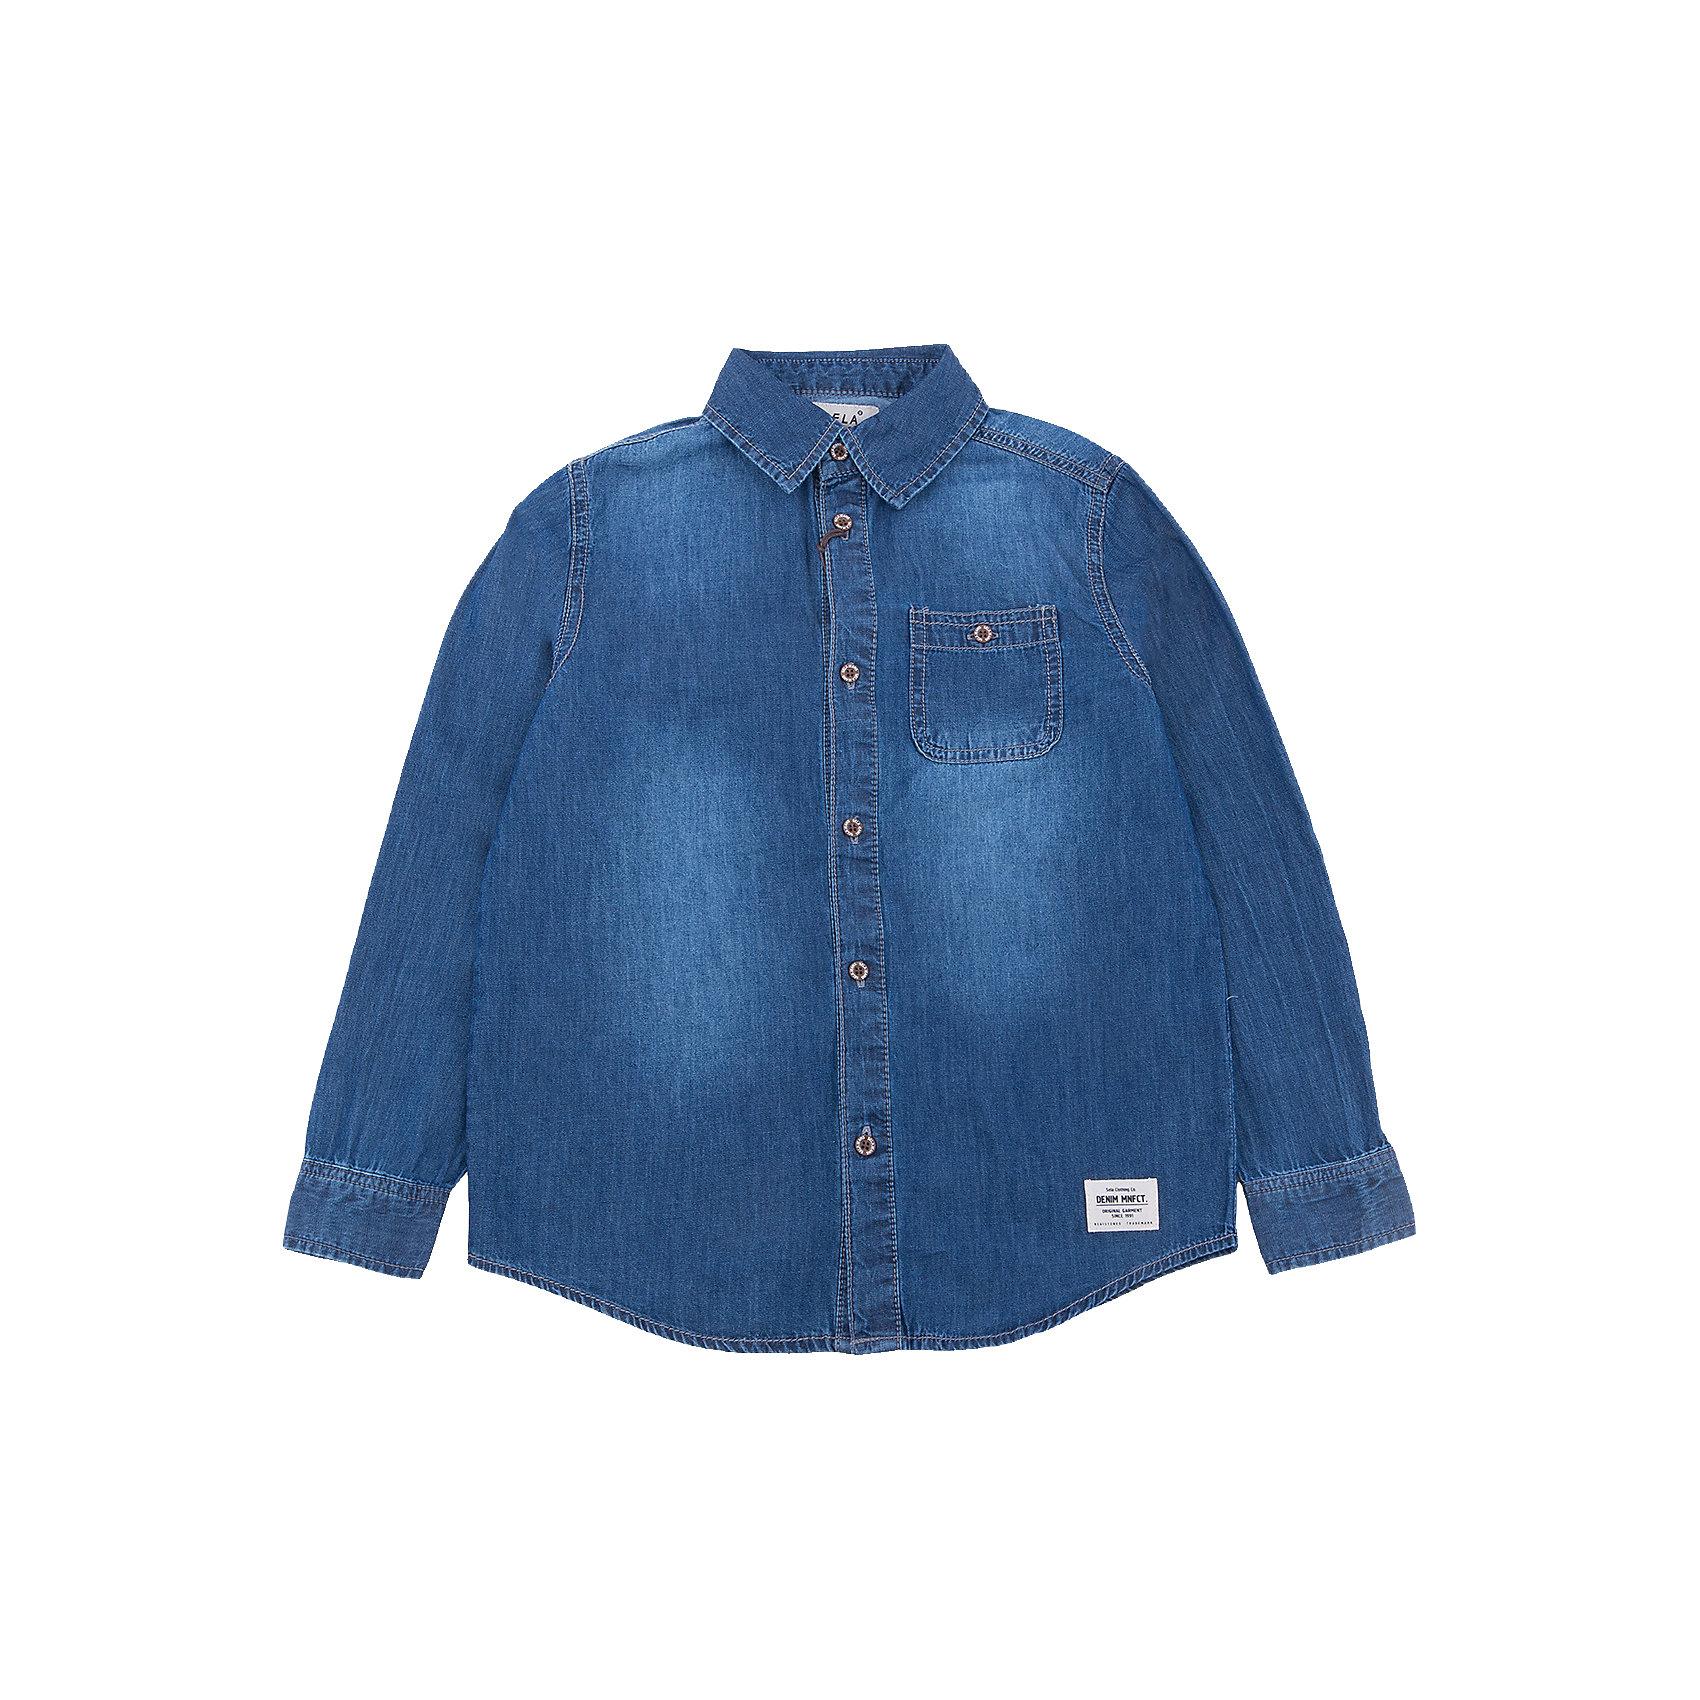 Рубашка джинсовая для мальчика SELAДжинсовая одежда<br>Характеристики товара:<br><br>• цвет: синий<br>• состав: 100% хлопок<br>• пуговицы<br>• длинные рукава<br>• отложной воротник<br>• карманы<br>• страна бренда: Российская Федерация<br><br>Вещи из новой коллекции SELA продолжают радовать удобством! Модная рубашка для мальчика поможет разнообразить гардероб ребенка и обеспечить комфорт. Она отлично сочетается с джинсами и брюками. Очень стильно смотрится!<br><br>Рубашку для мальчика от популярного бренда SELA (СЕЛА) можно купить в нашем интернет-магазине.<br><br>Ширина мм: 174<br>Глубина мм: 10<br>Высота мм: 169<br>Вес г: 157<br>Цвет: синий деним<br>Возраст от месяцев: 84<br>Возраст до месяцев: 96<br>Пол: Мужской<br>Возраст: Детский<br>Размер: 128,134,122,116,152,146,140<br>SKU: 5305530